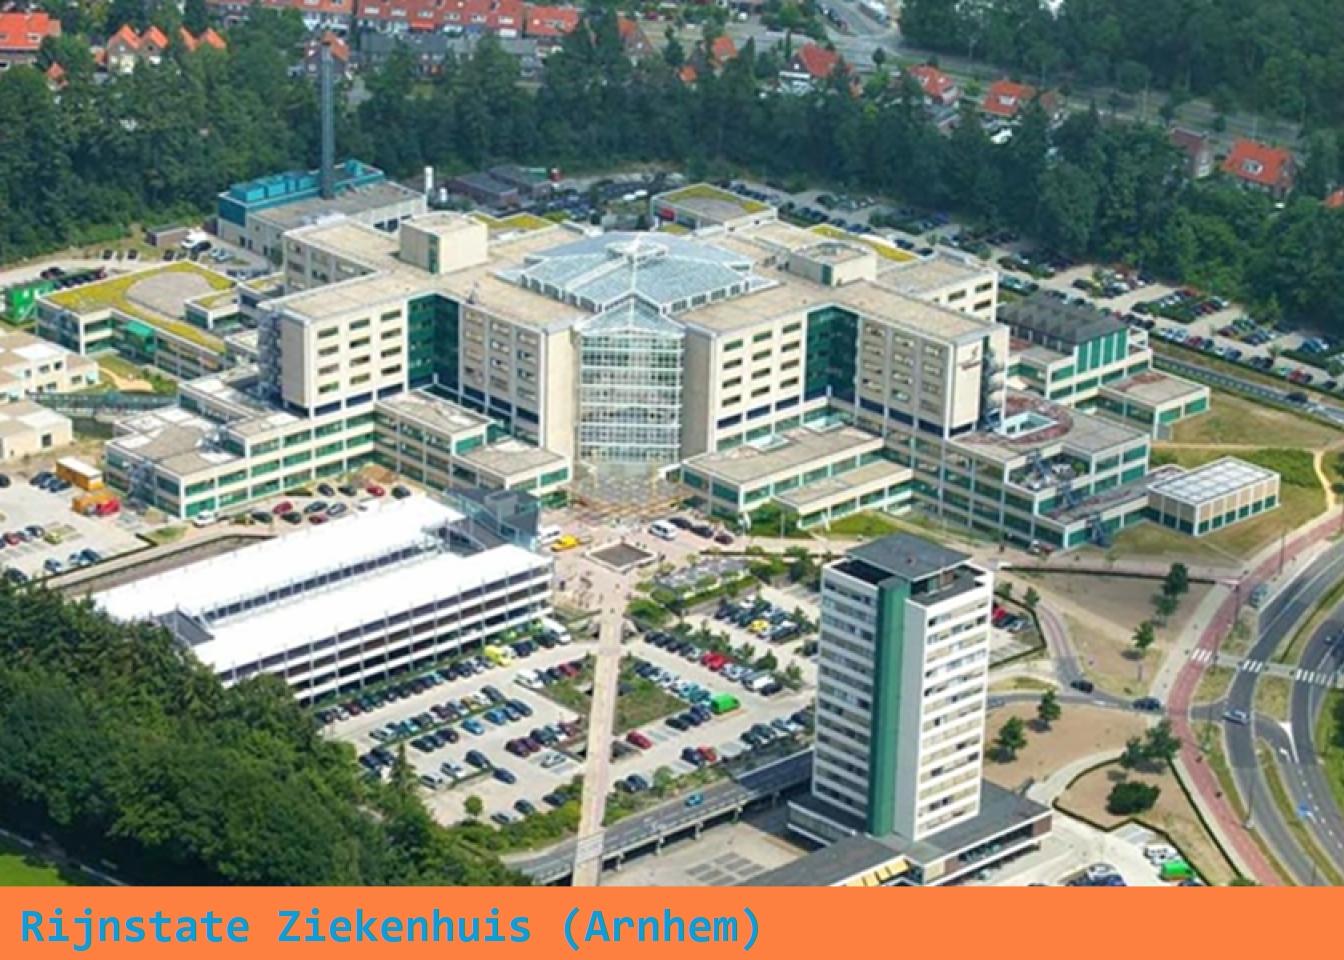 Rijnstate Ziekenhuis - Arnhem